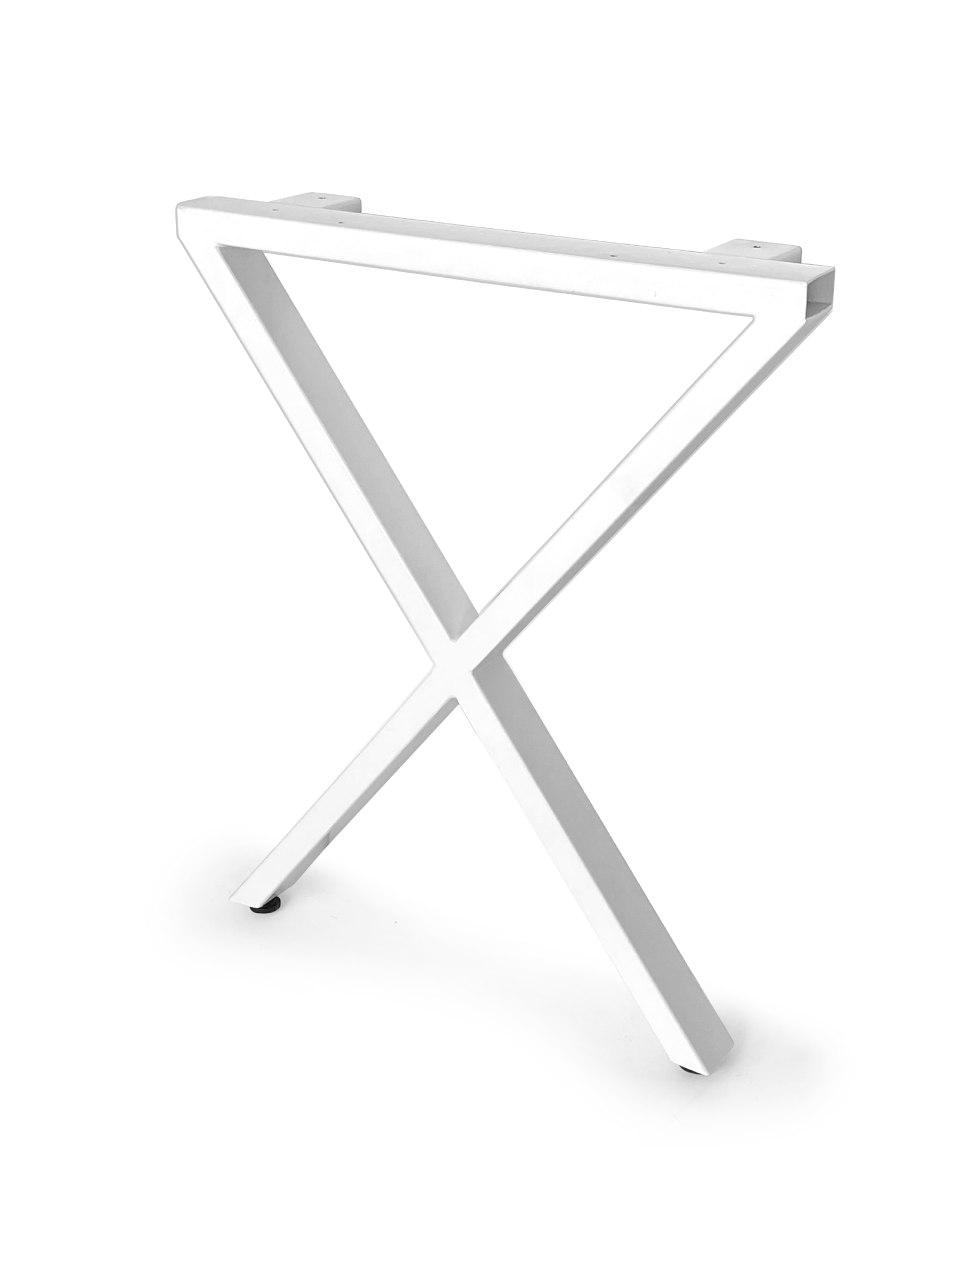 Лофт Х-образное Подстолье металлическое усиленное